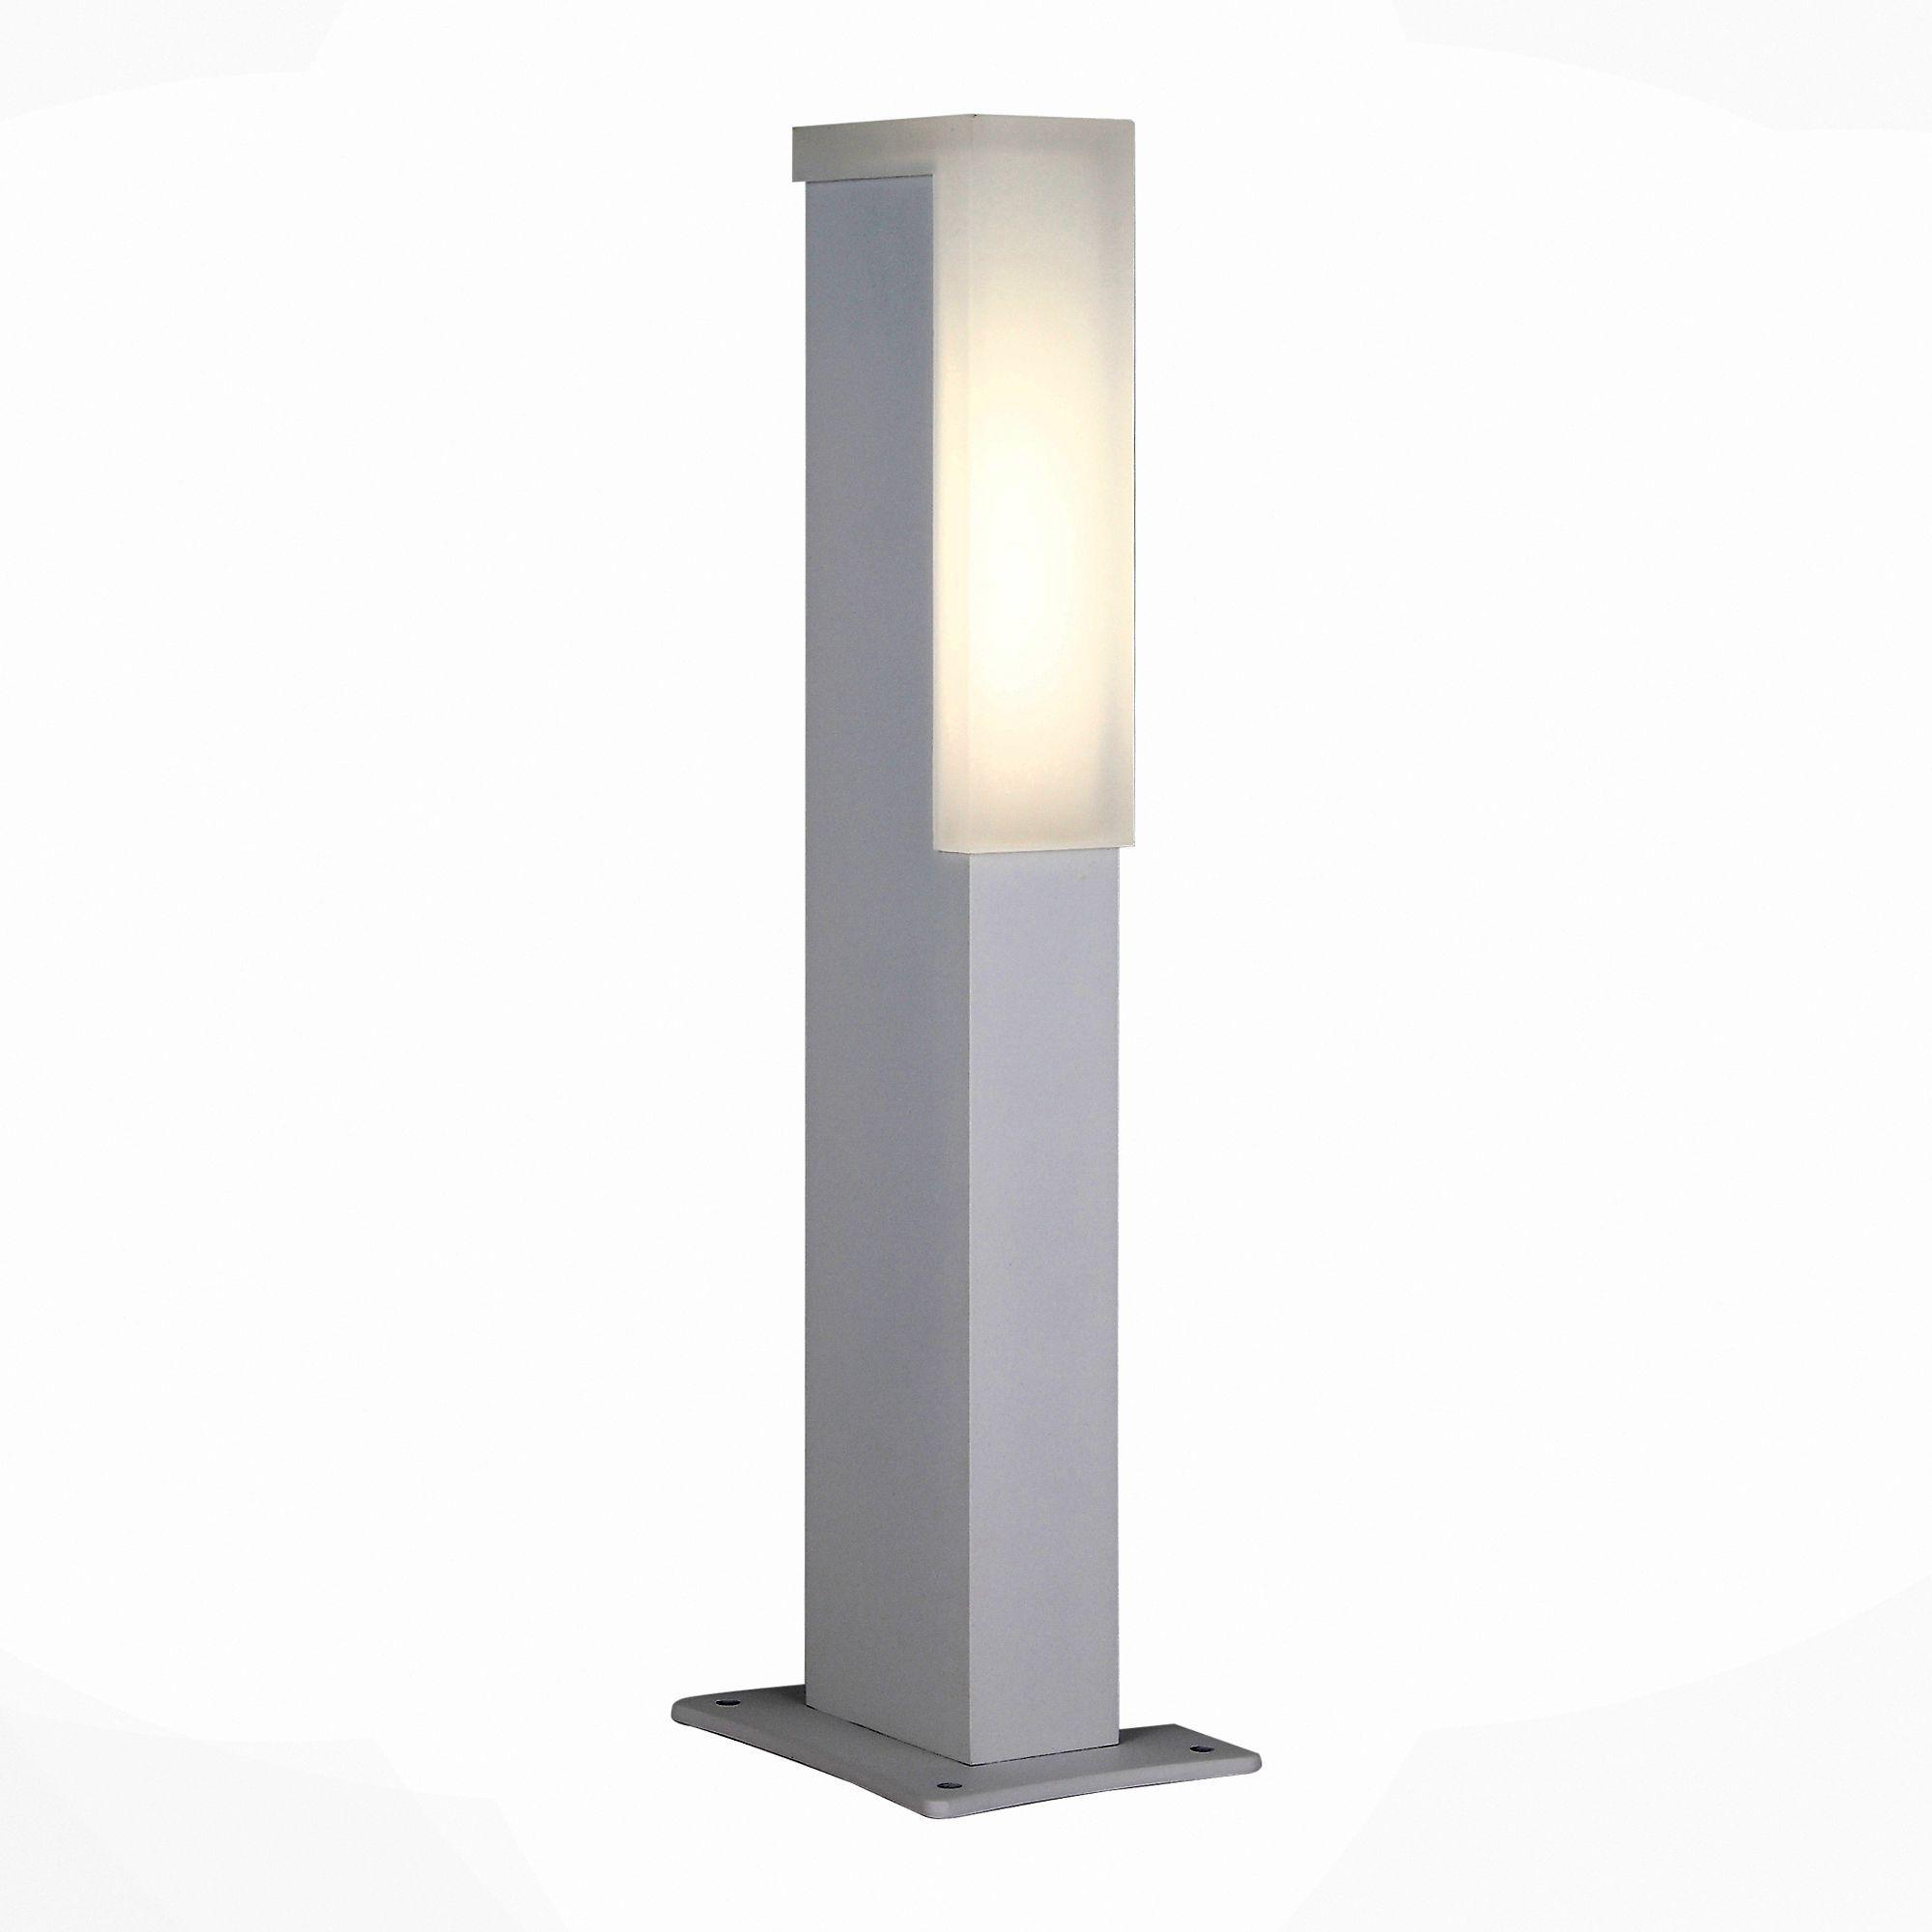 Светильник уличный наземный ST-Luce Белый/Белый LED 2*2W SL096.505.02